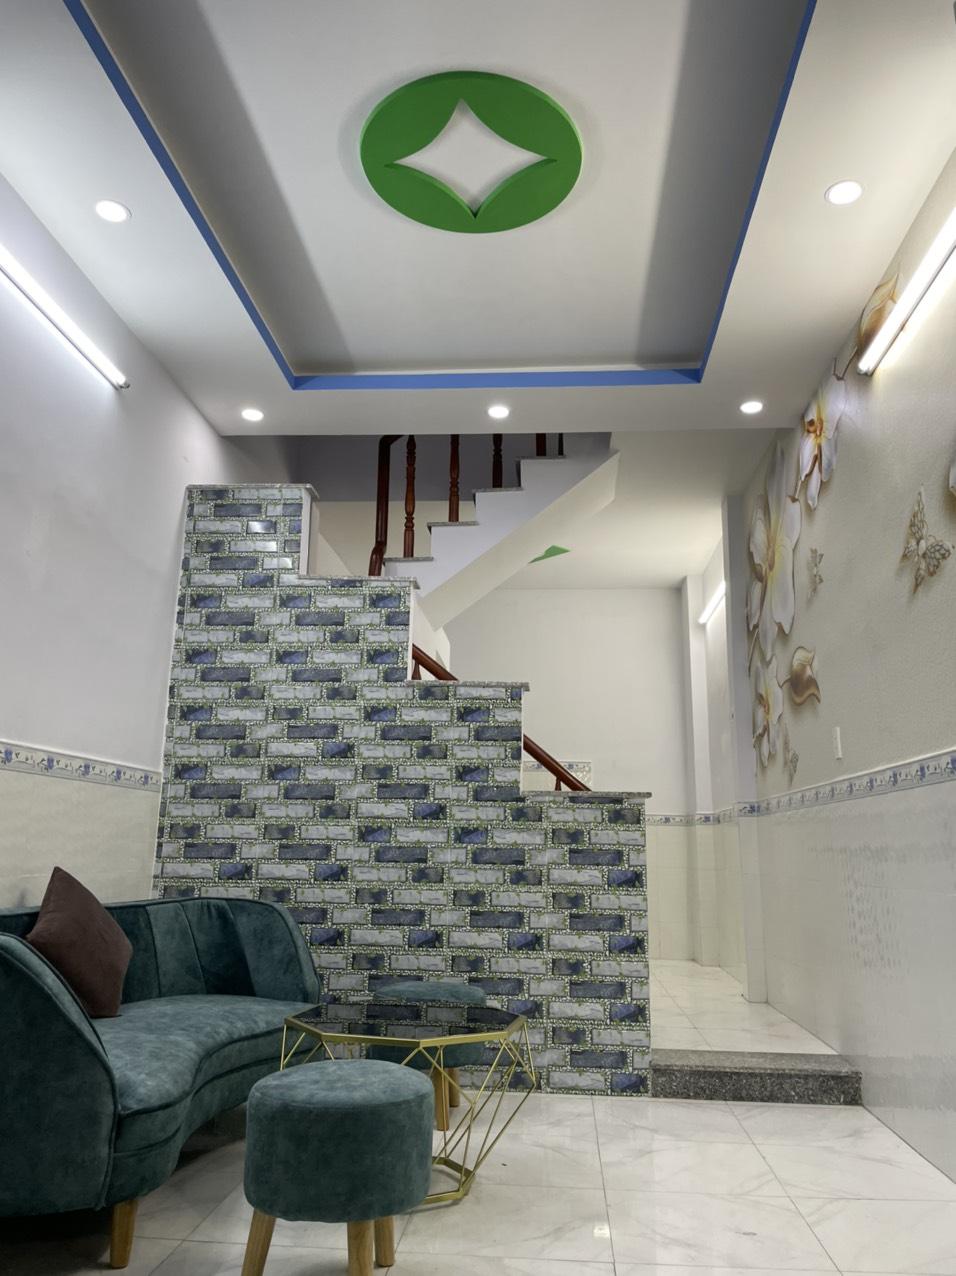 Bán nhà quận Bình Tân dưới 3 tỷ, hẻm 5m đường số 12 Bình Hưng Hòa A